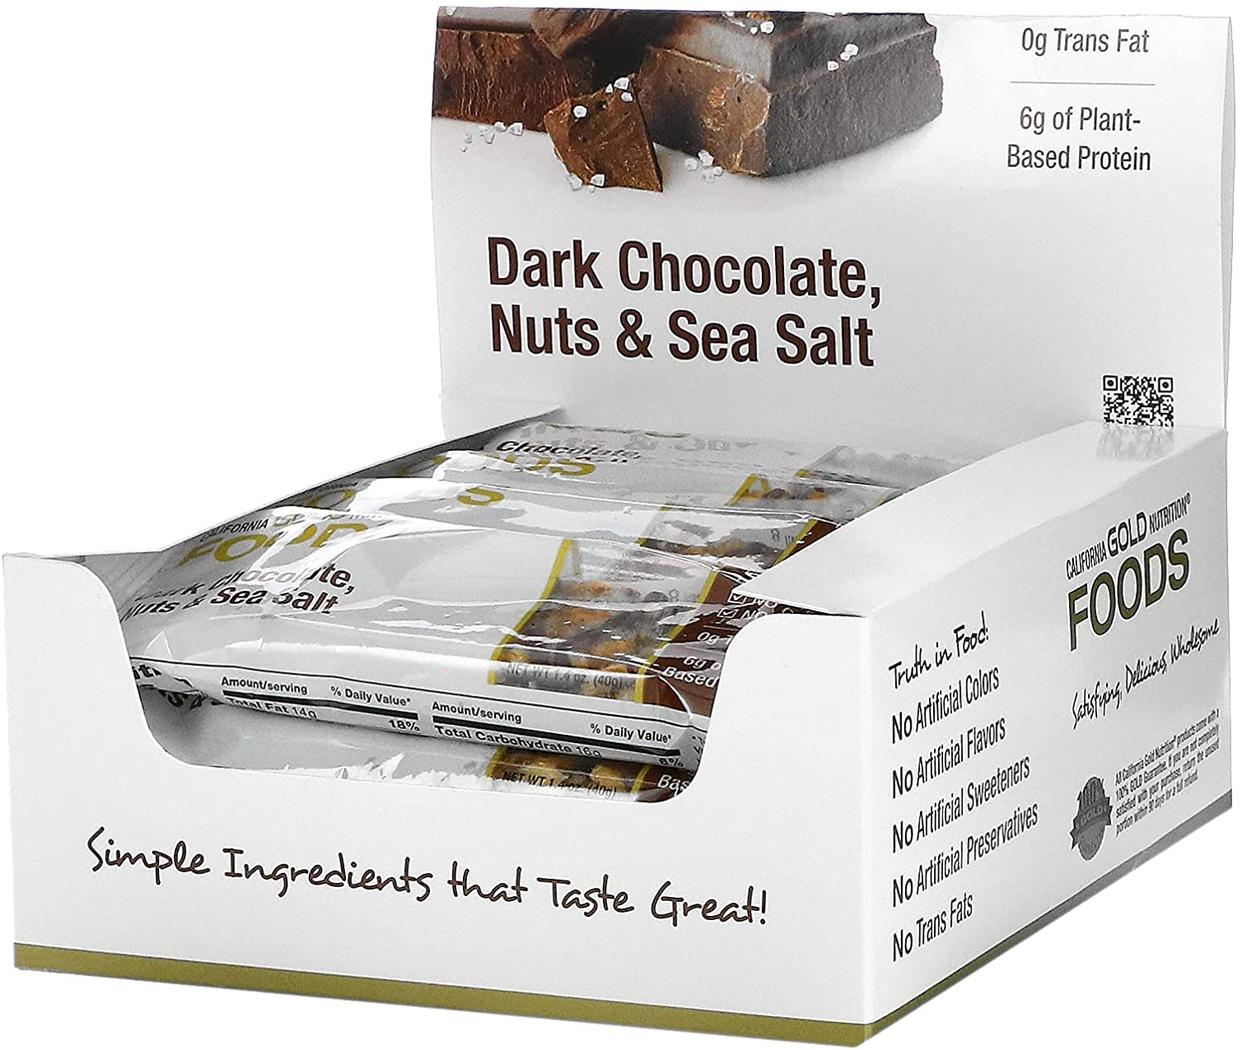 California Gold Nutrition(カリフォルニア ゴールド ニュートリション) プロテインバーの商品画像